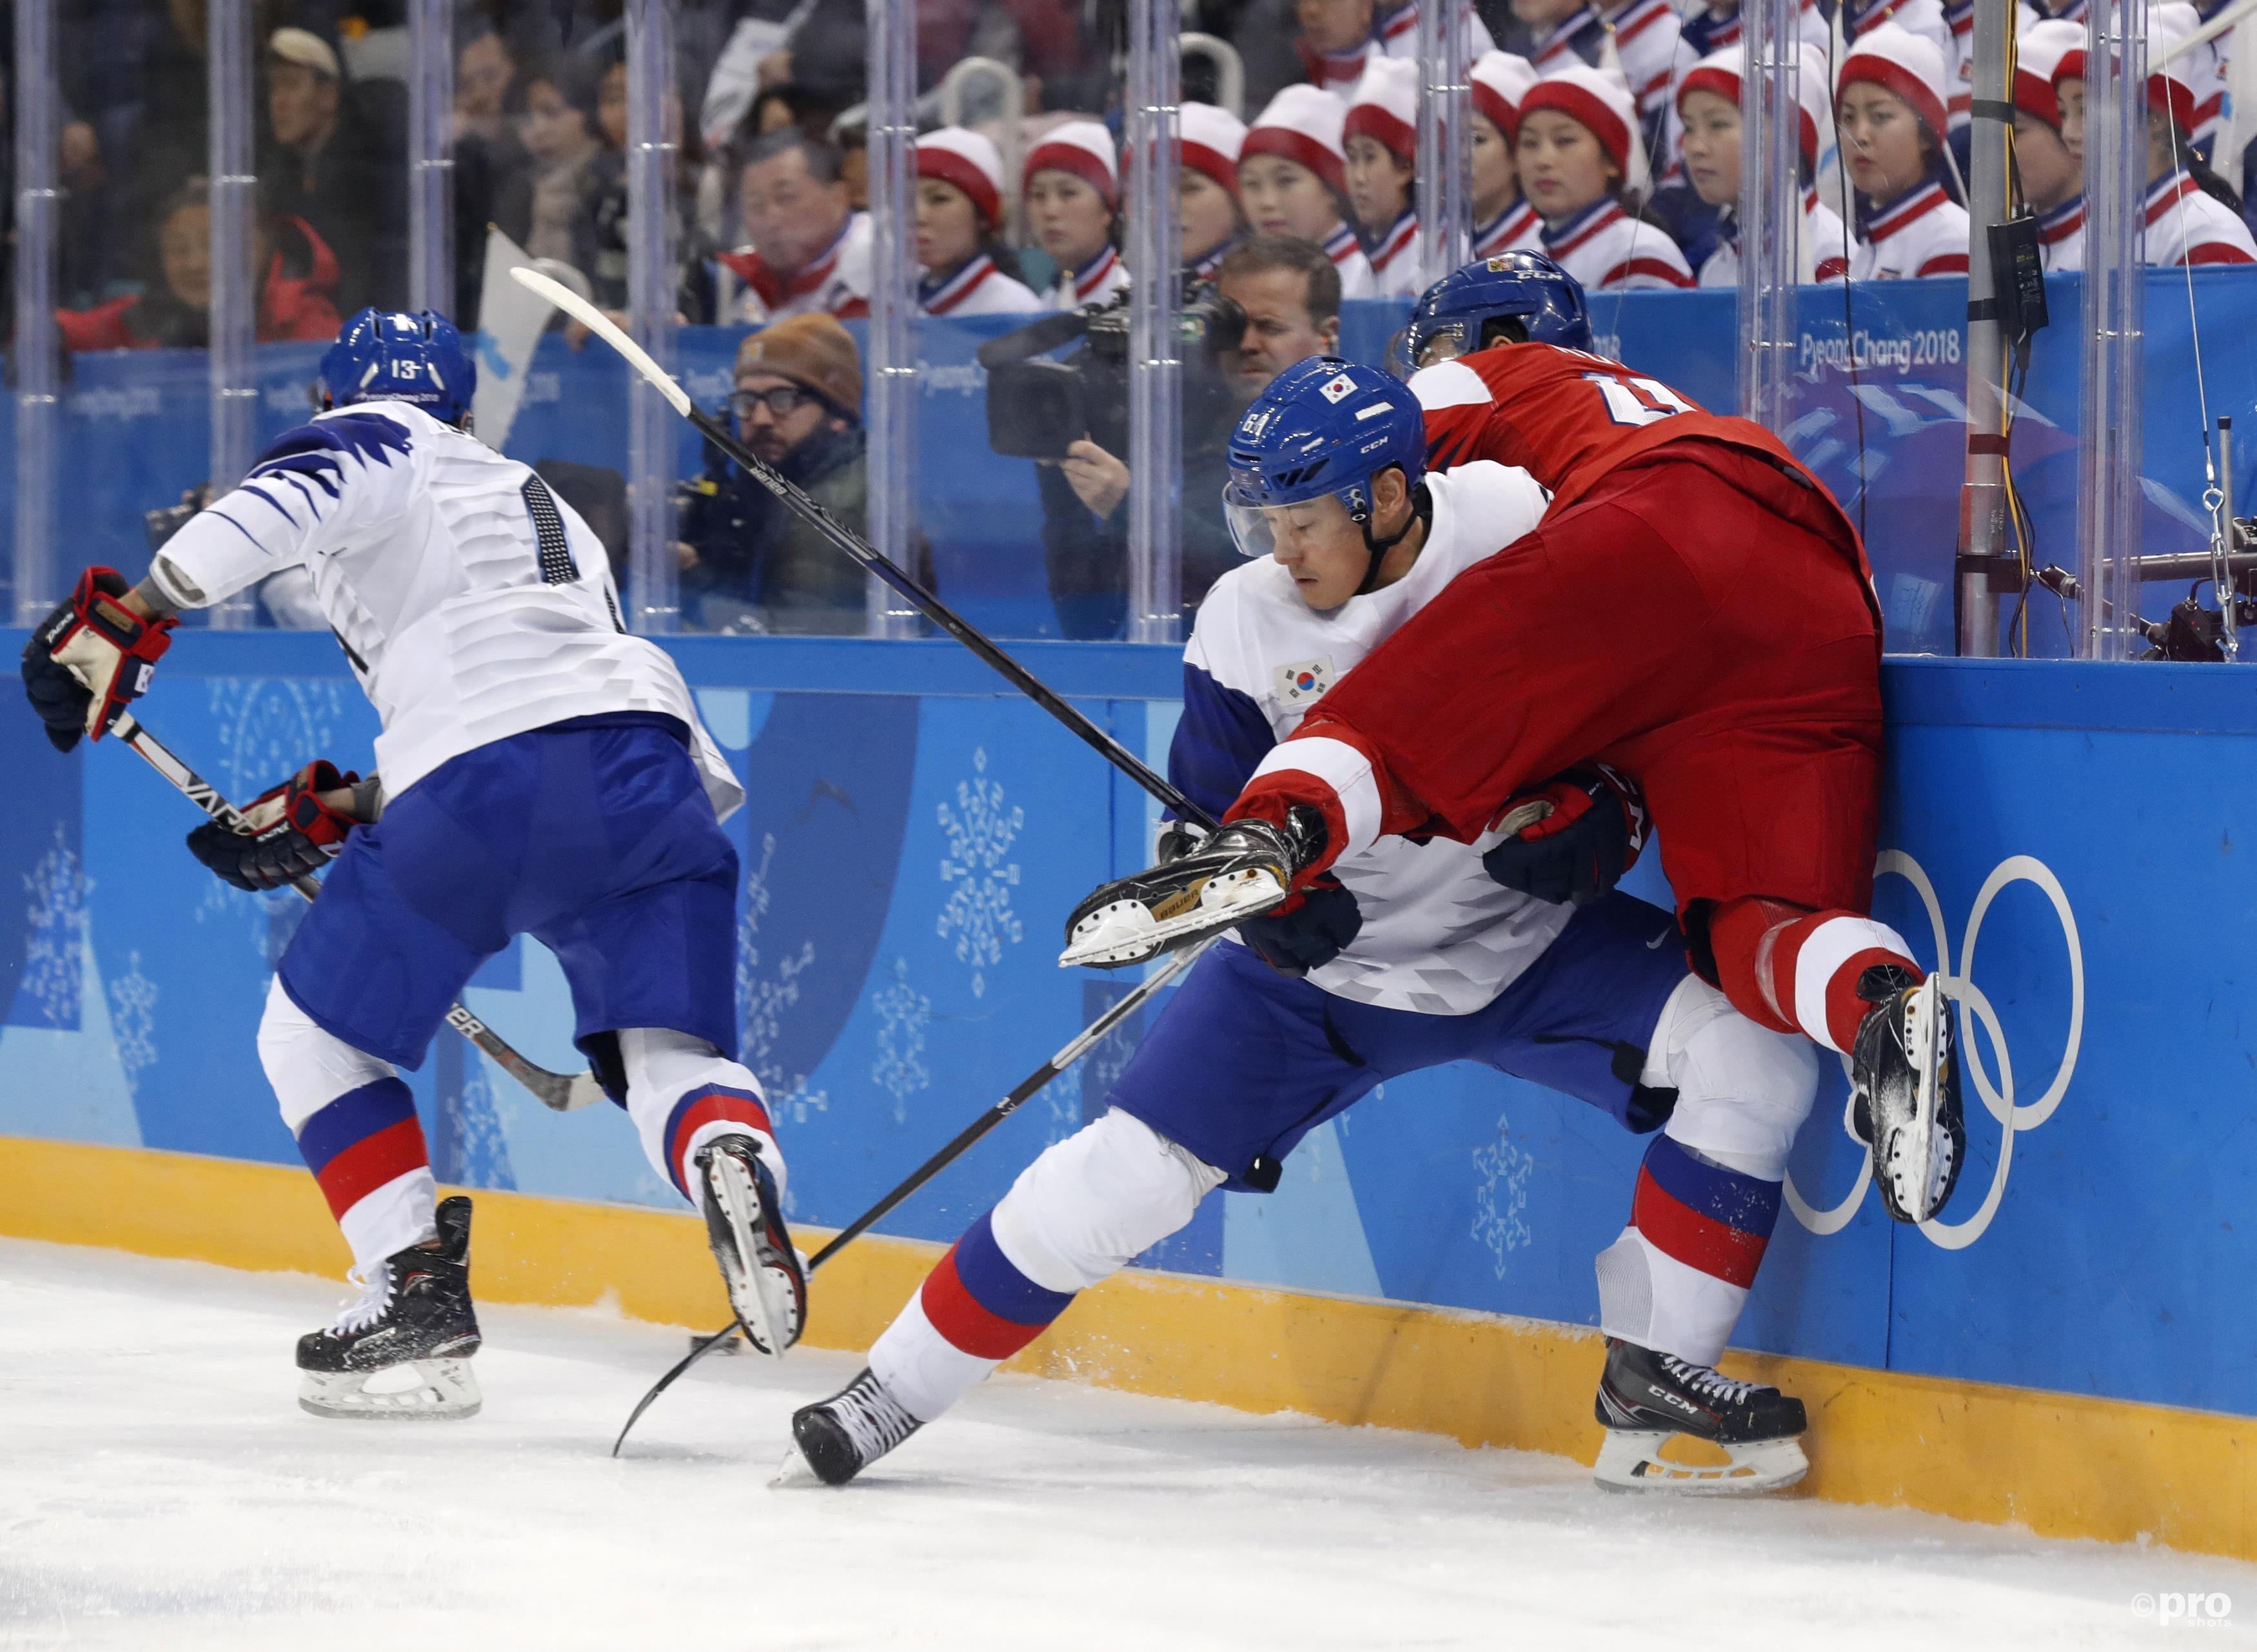 Ze zijn wellicht niet de meest ervaren ijshockeyers, Lee Don-ku laat Jan Kovar zien dat de Koreanen ook beuken uit kunnen delen (Pro Shots/Action Images)